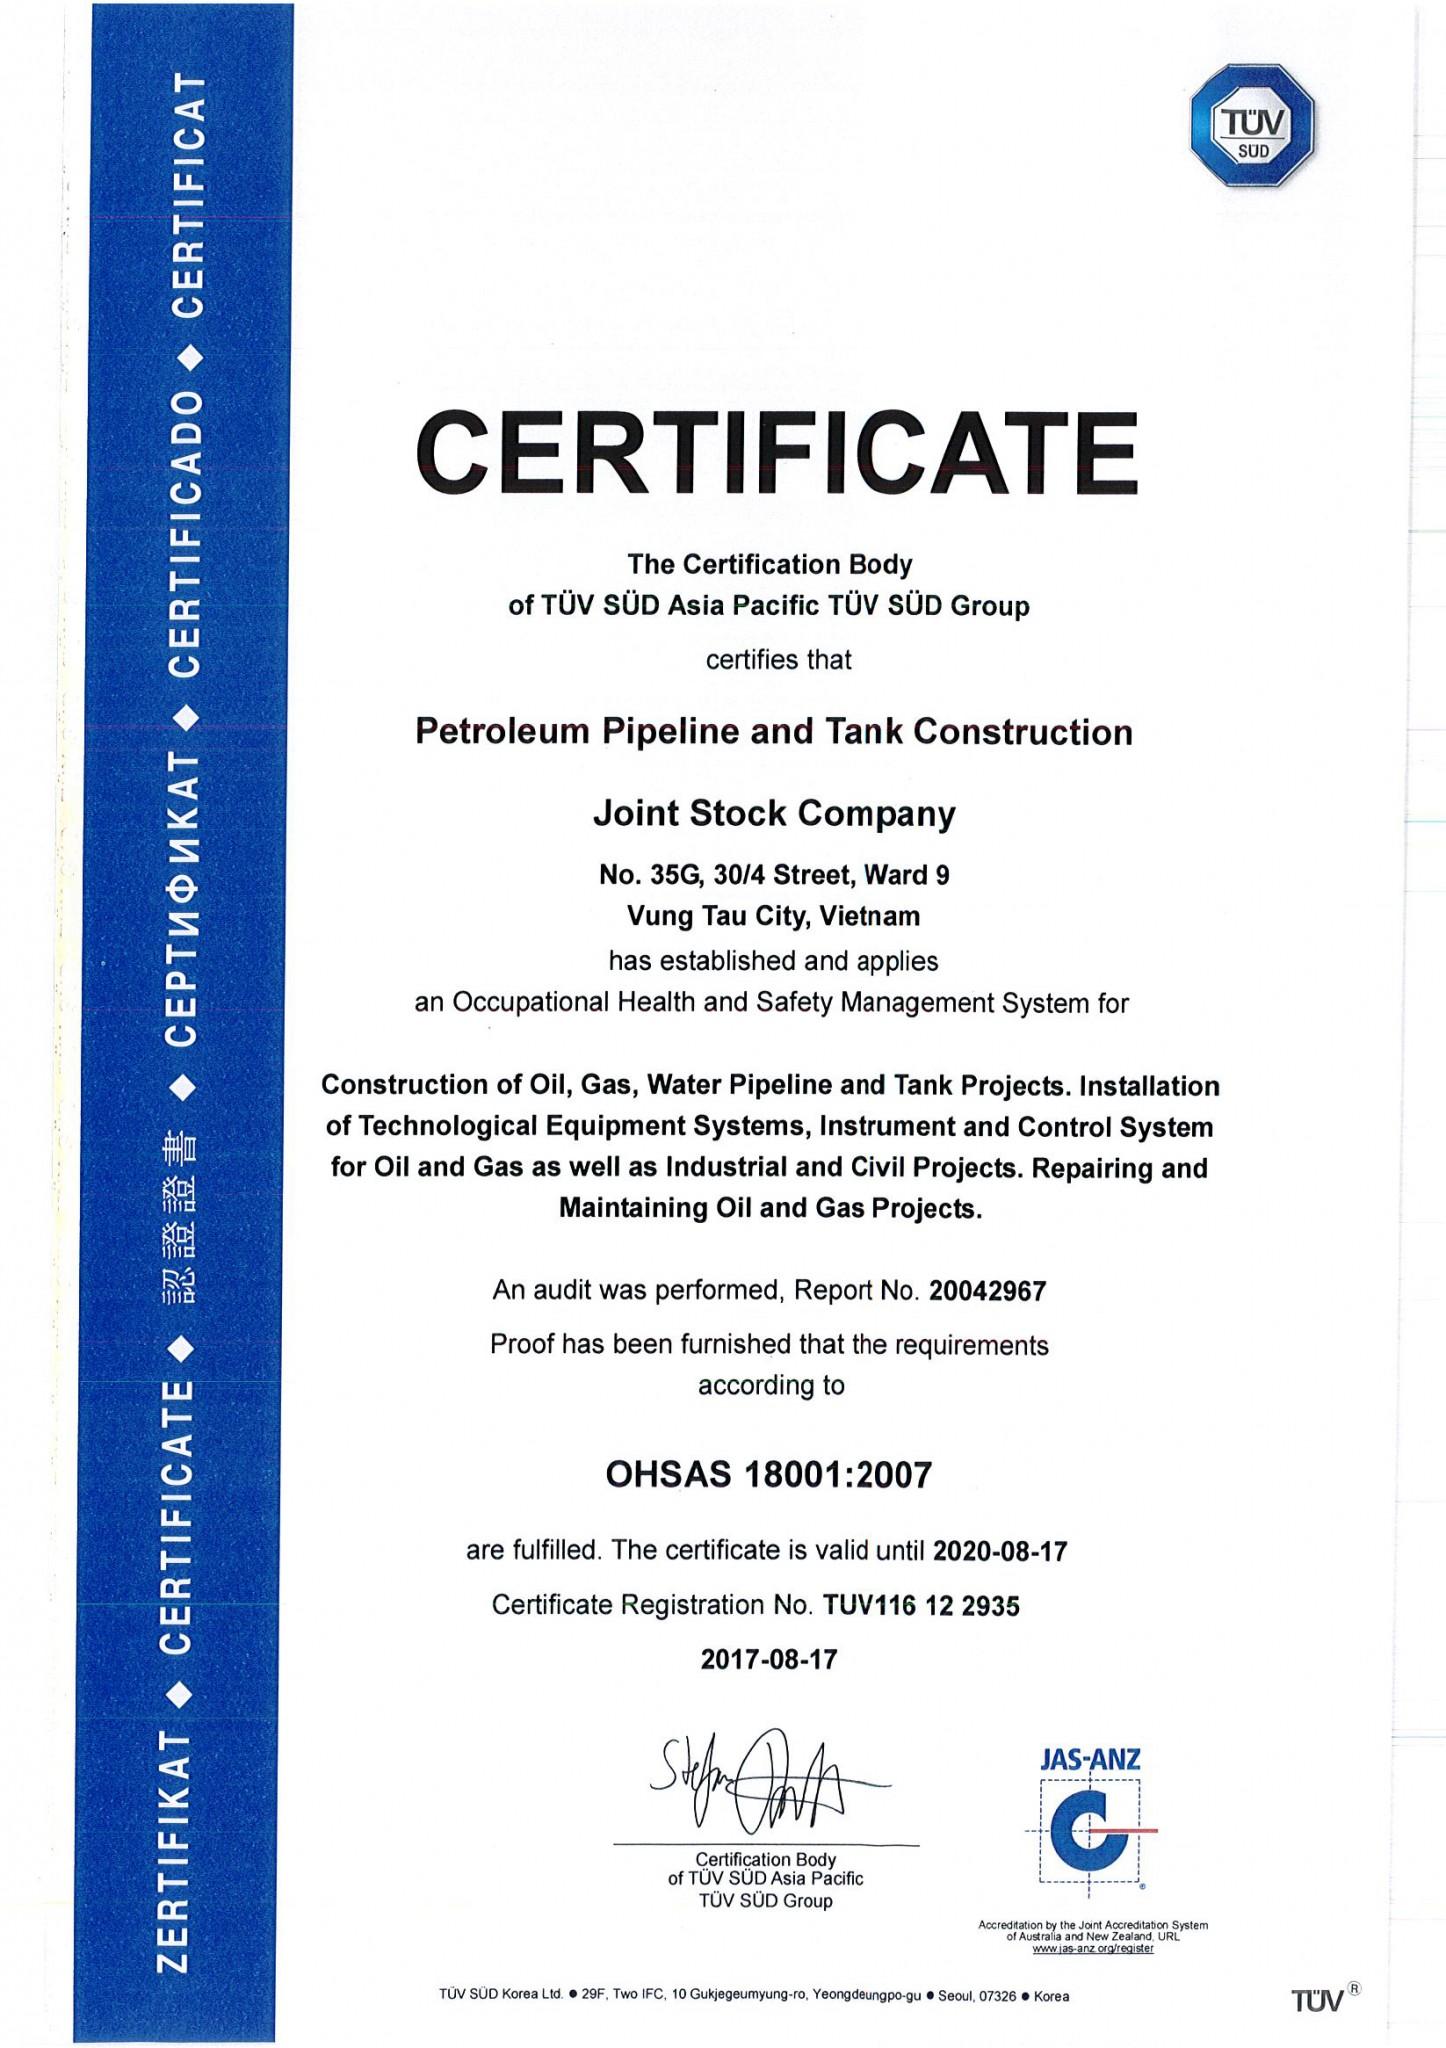 CERTIFICATE OHSAS 18001_PETROLEUM